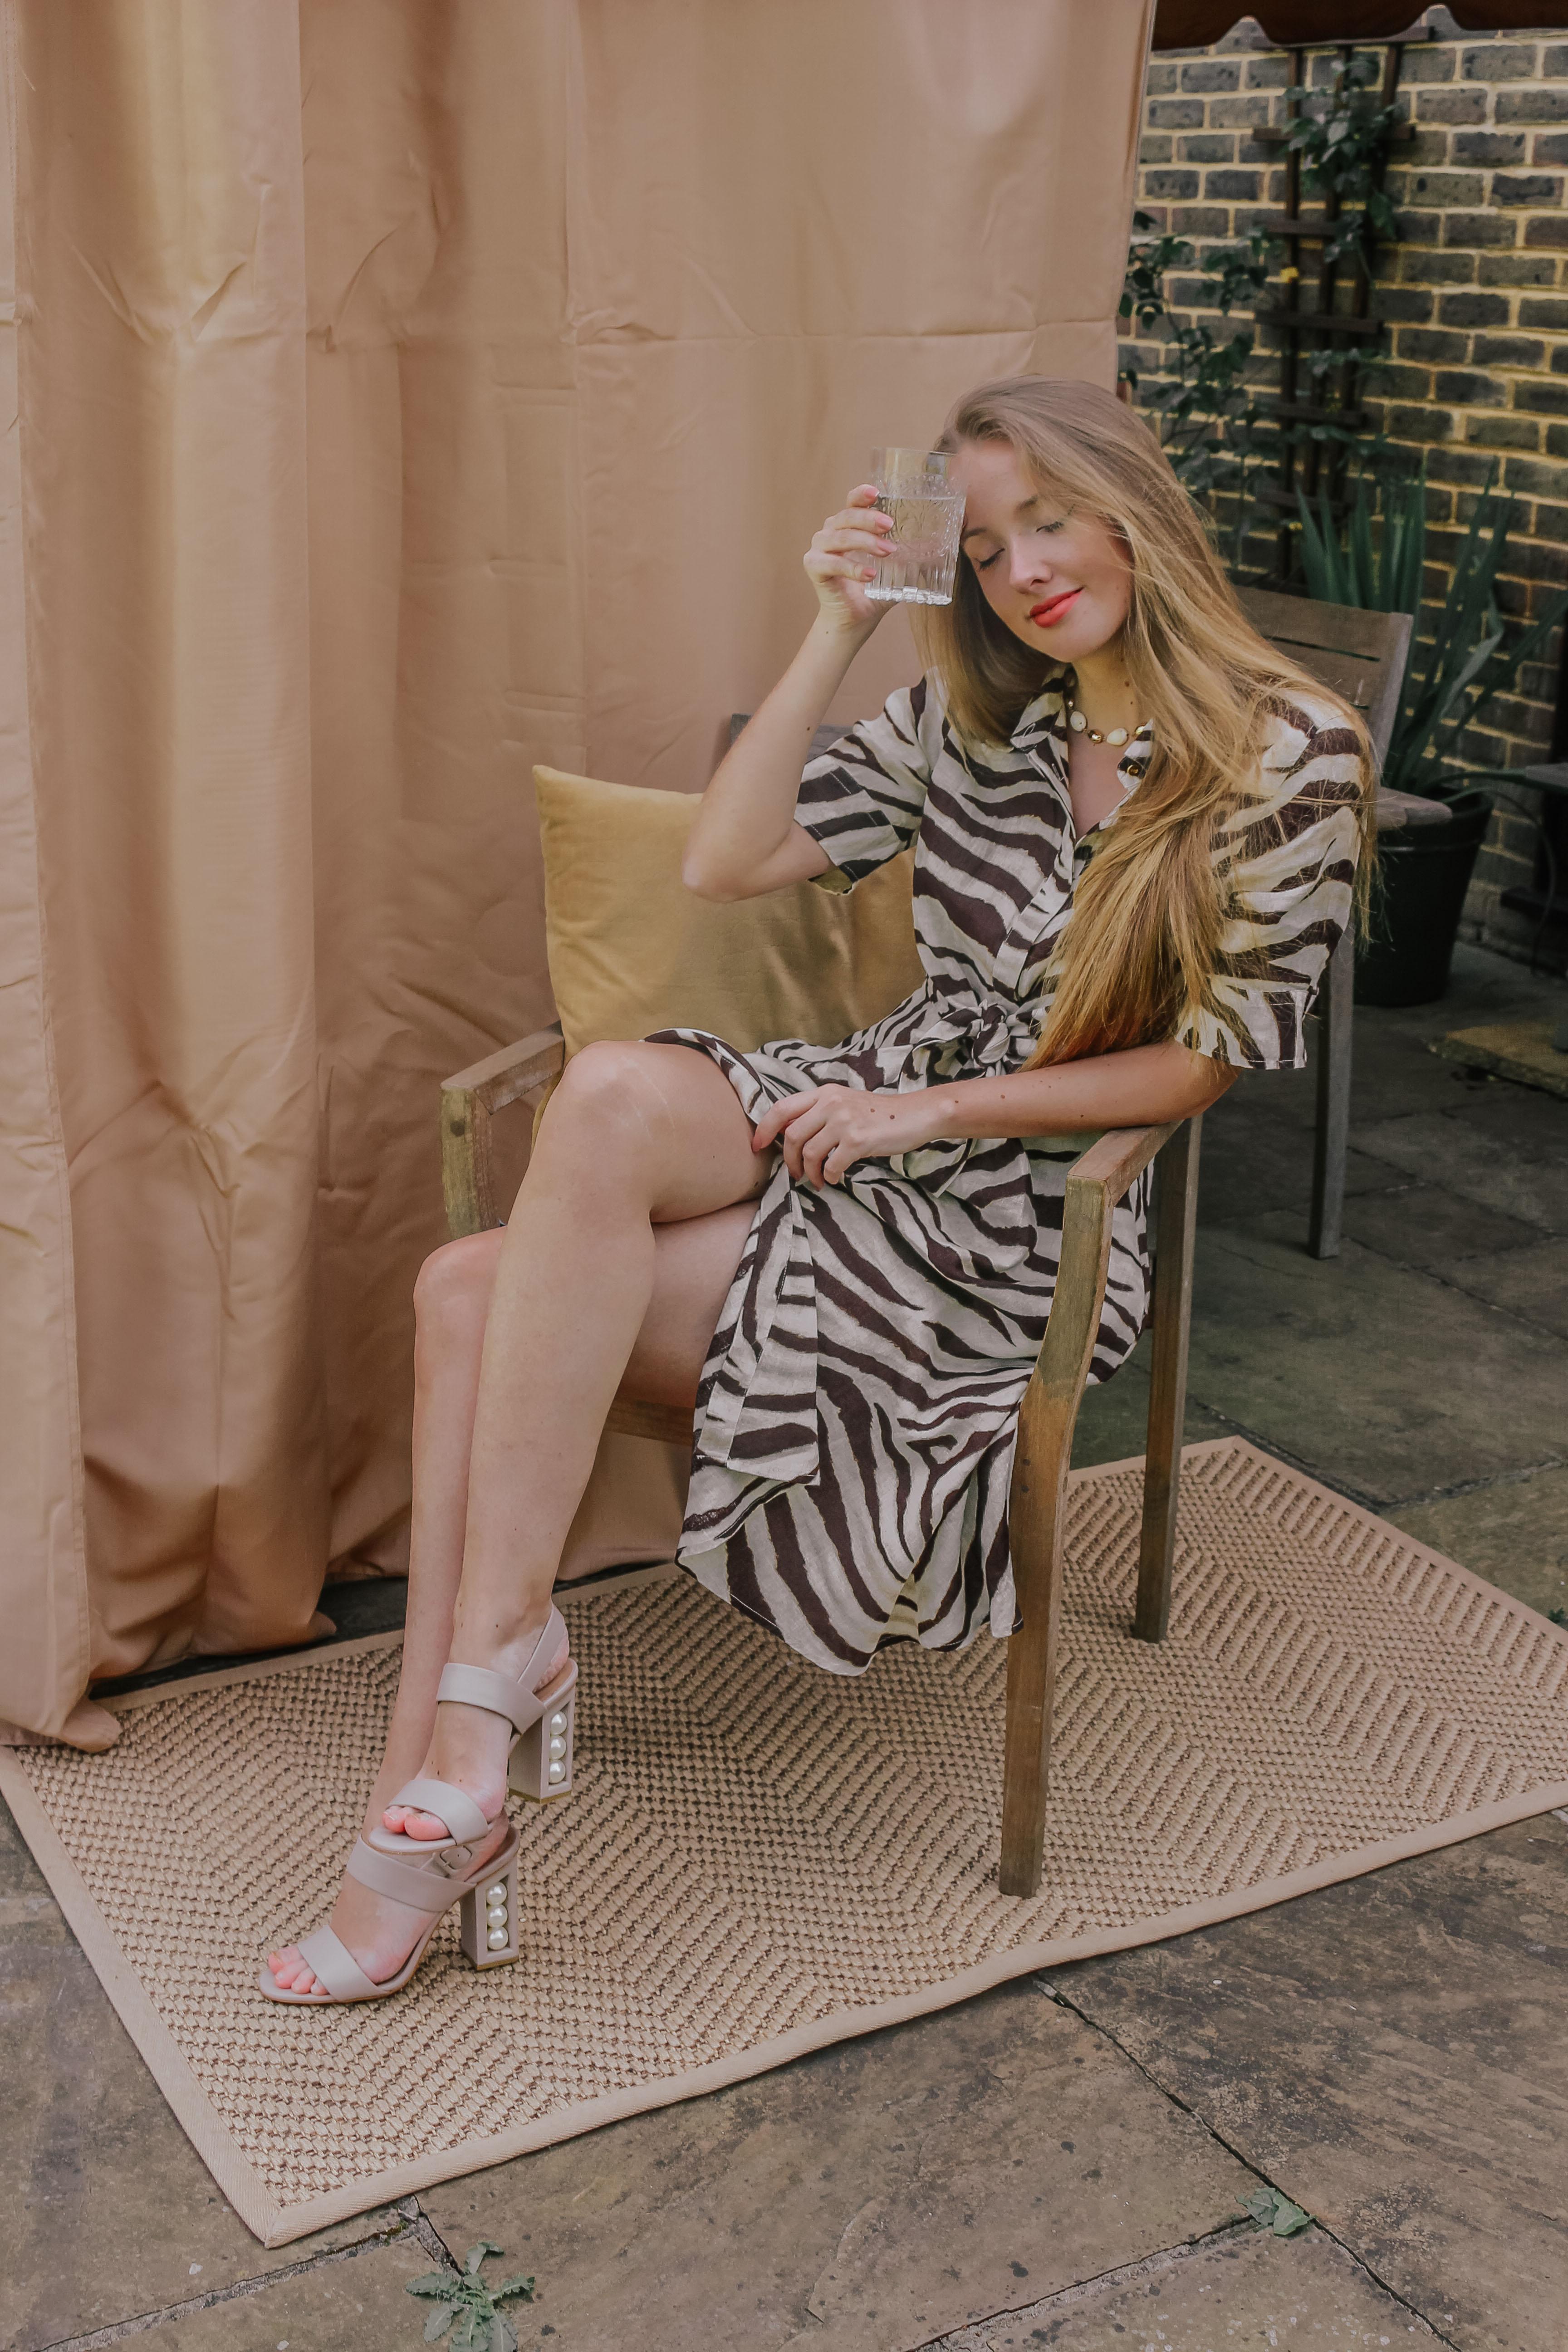 Moda in Pelle fashion blog collaboration